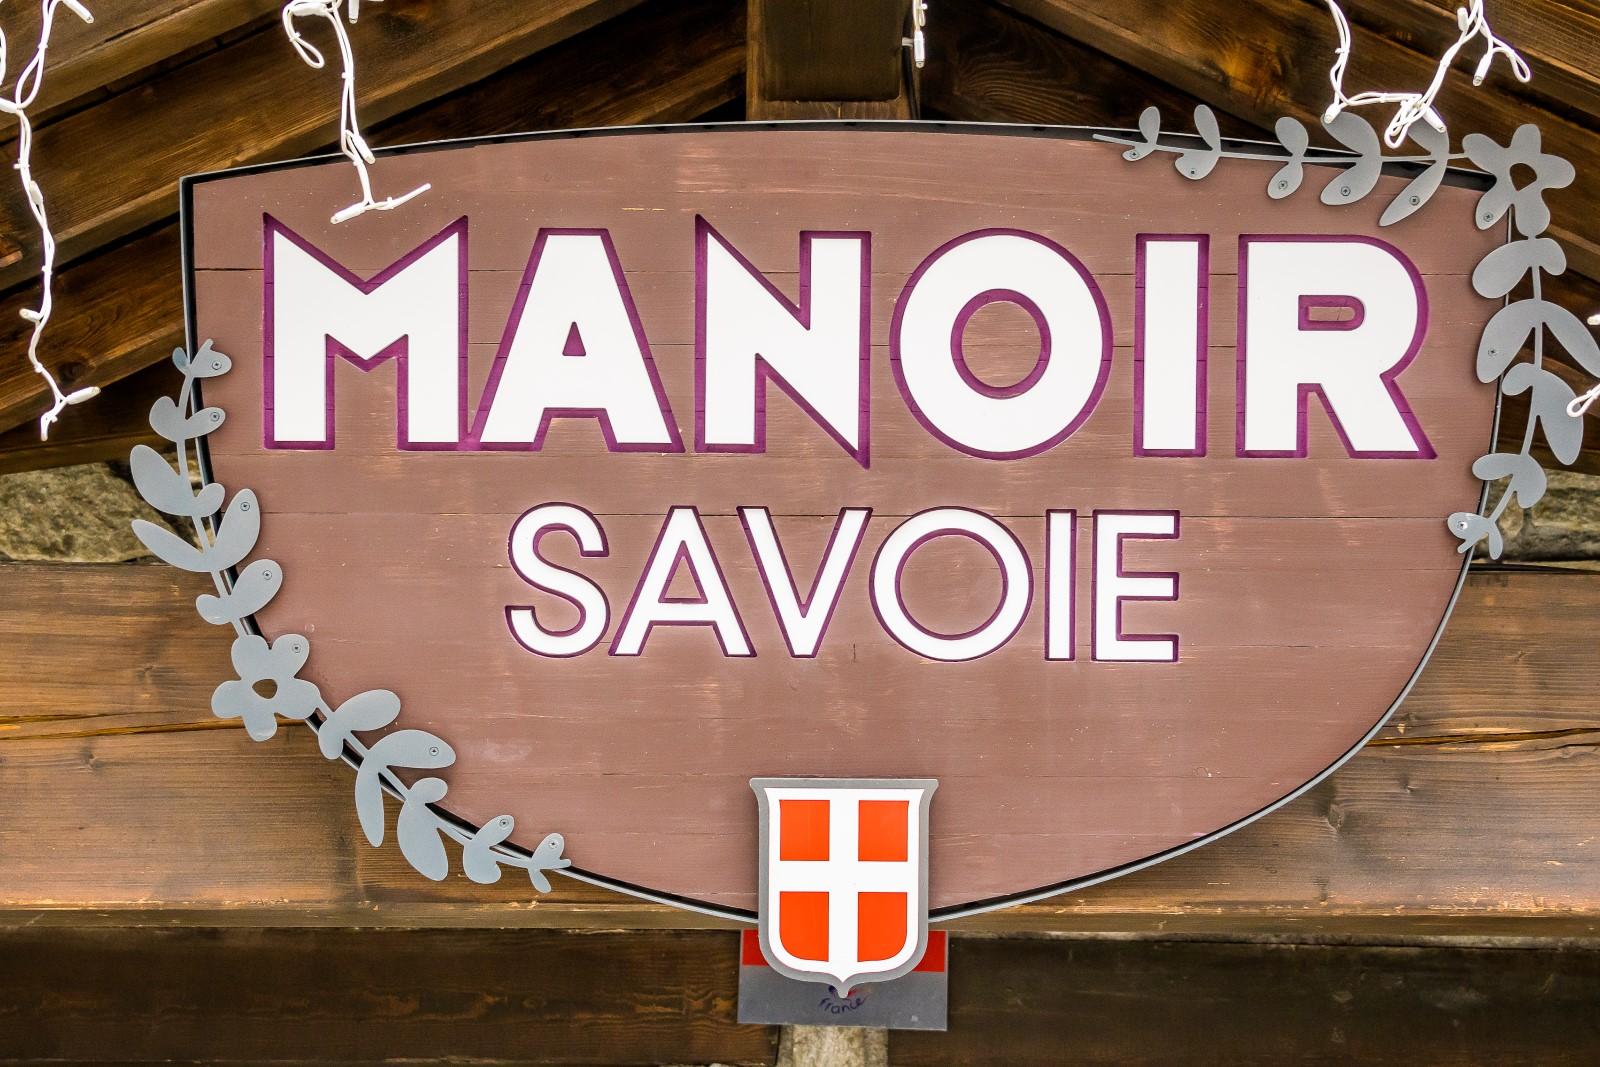 Manoir Savoie in summer